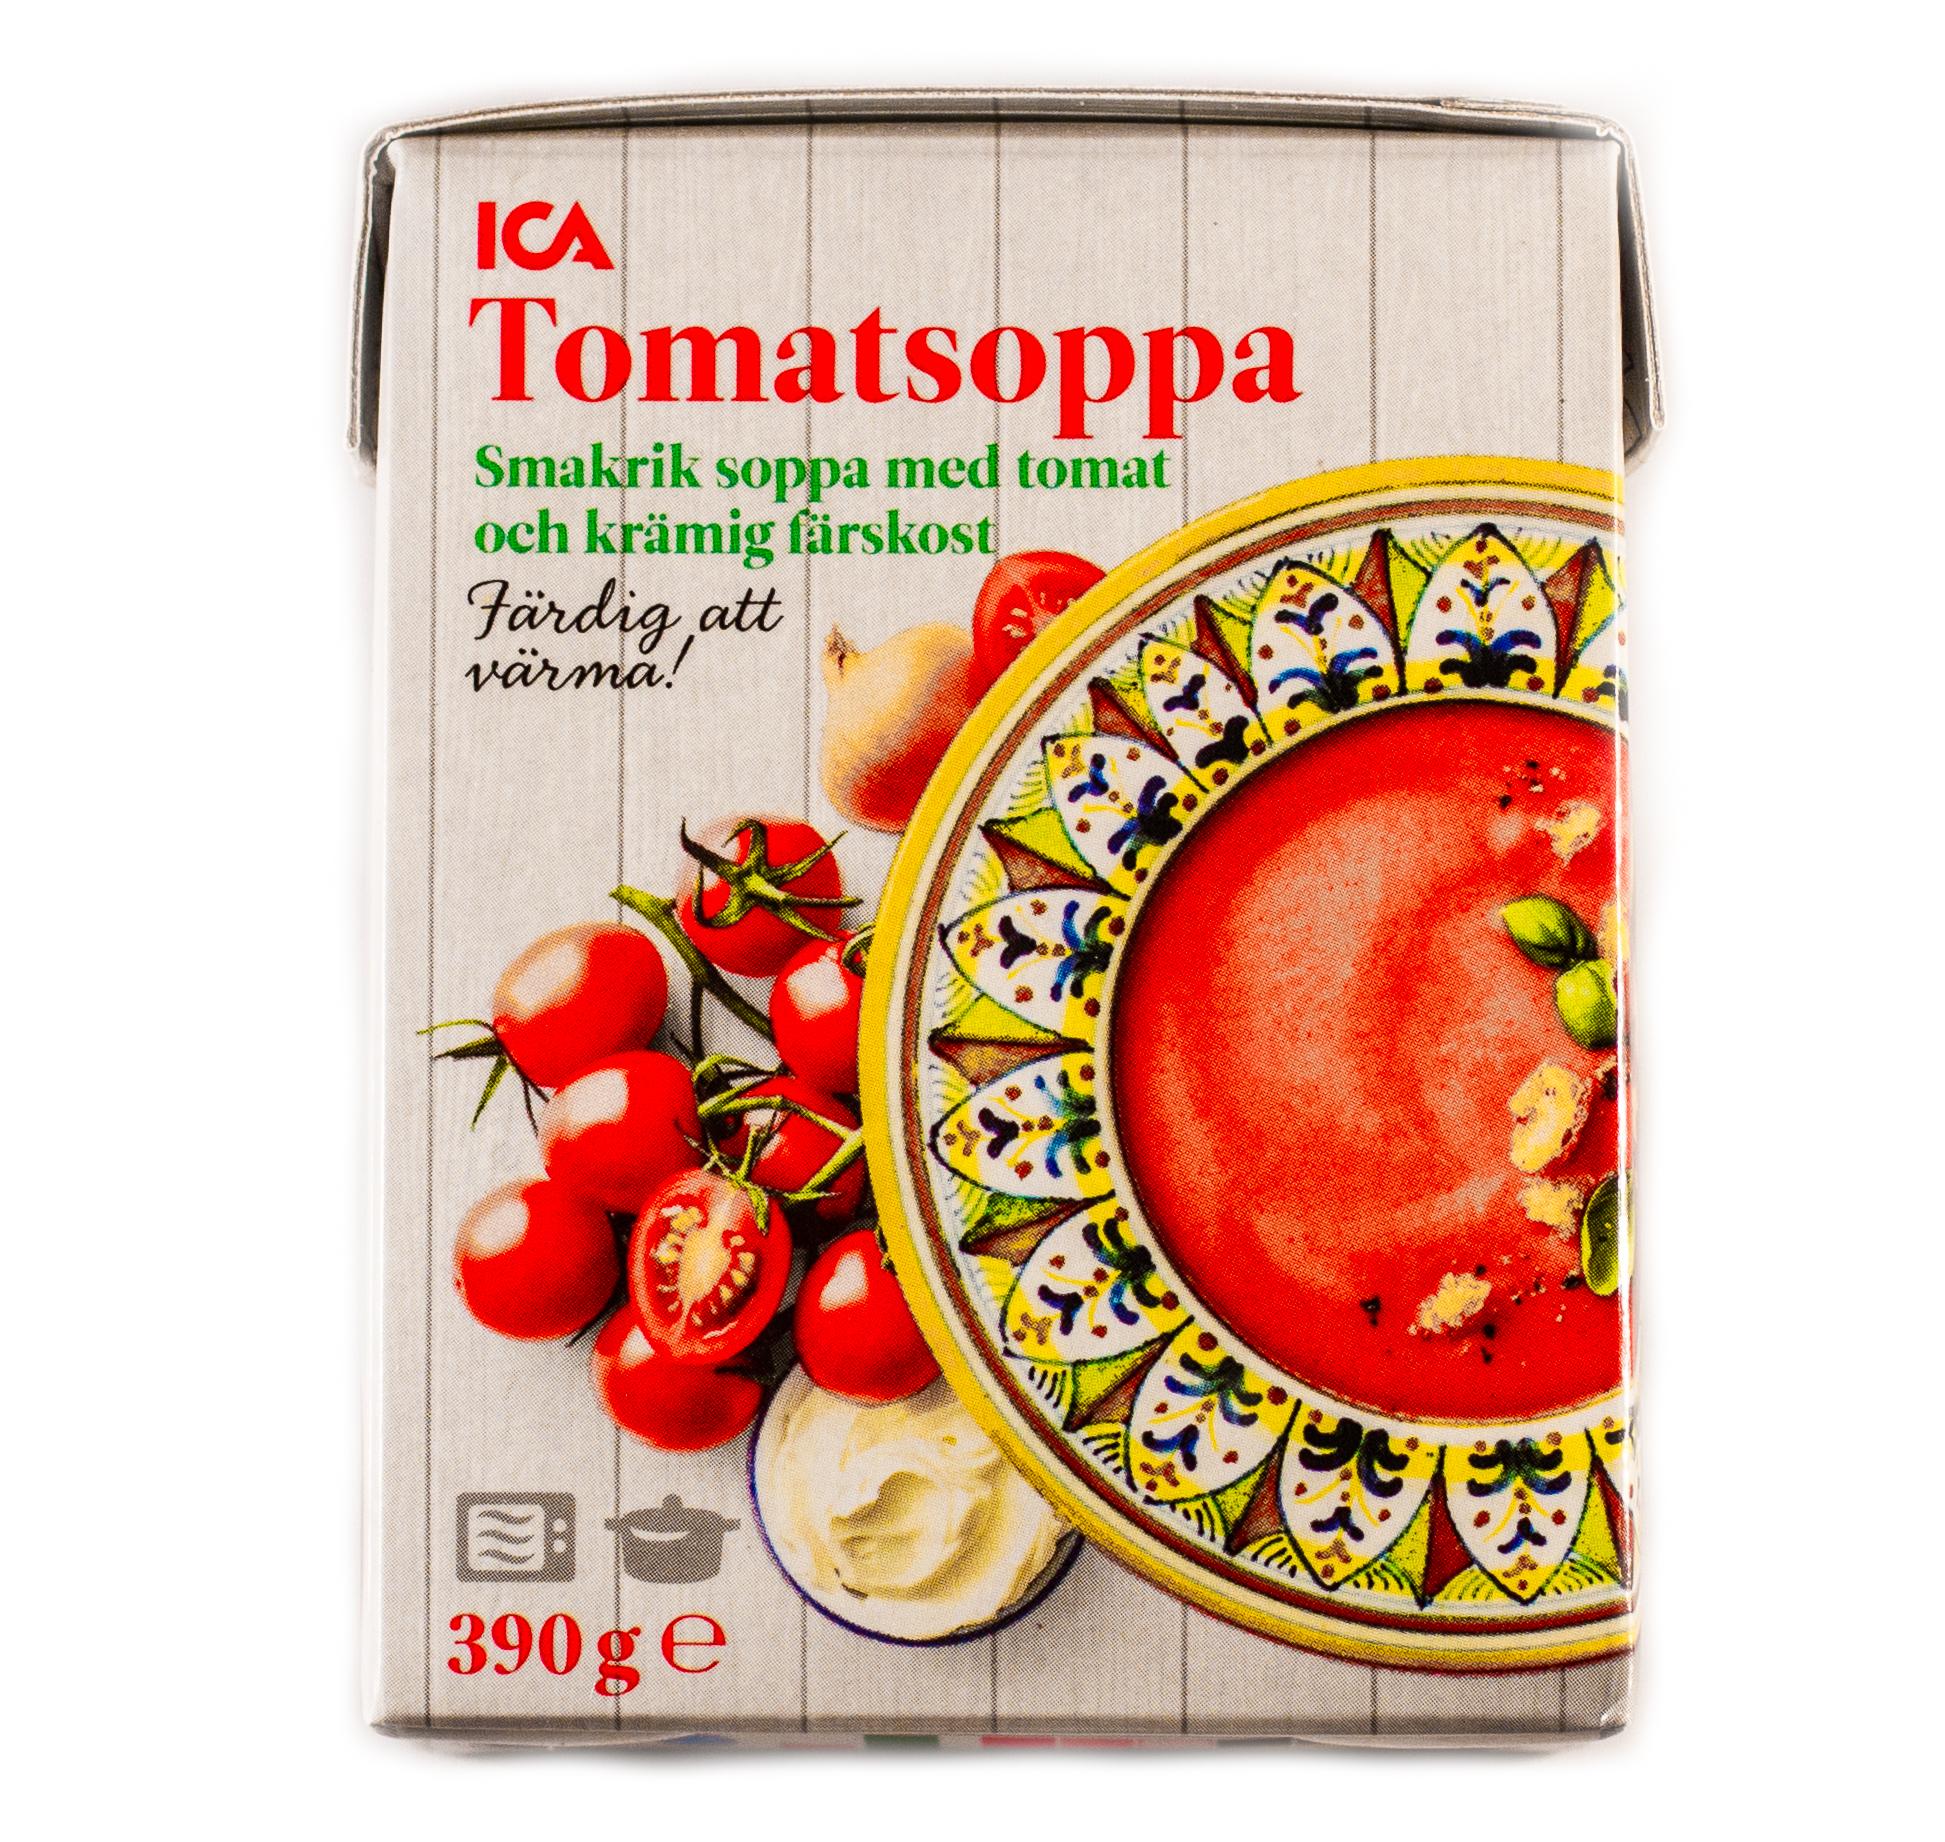 Bild på ICA's tetra med tomatsoppa